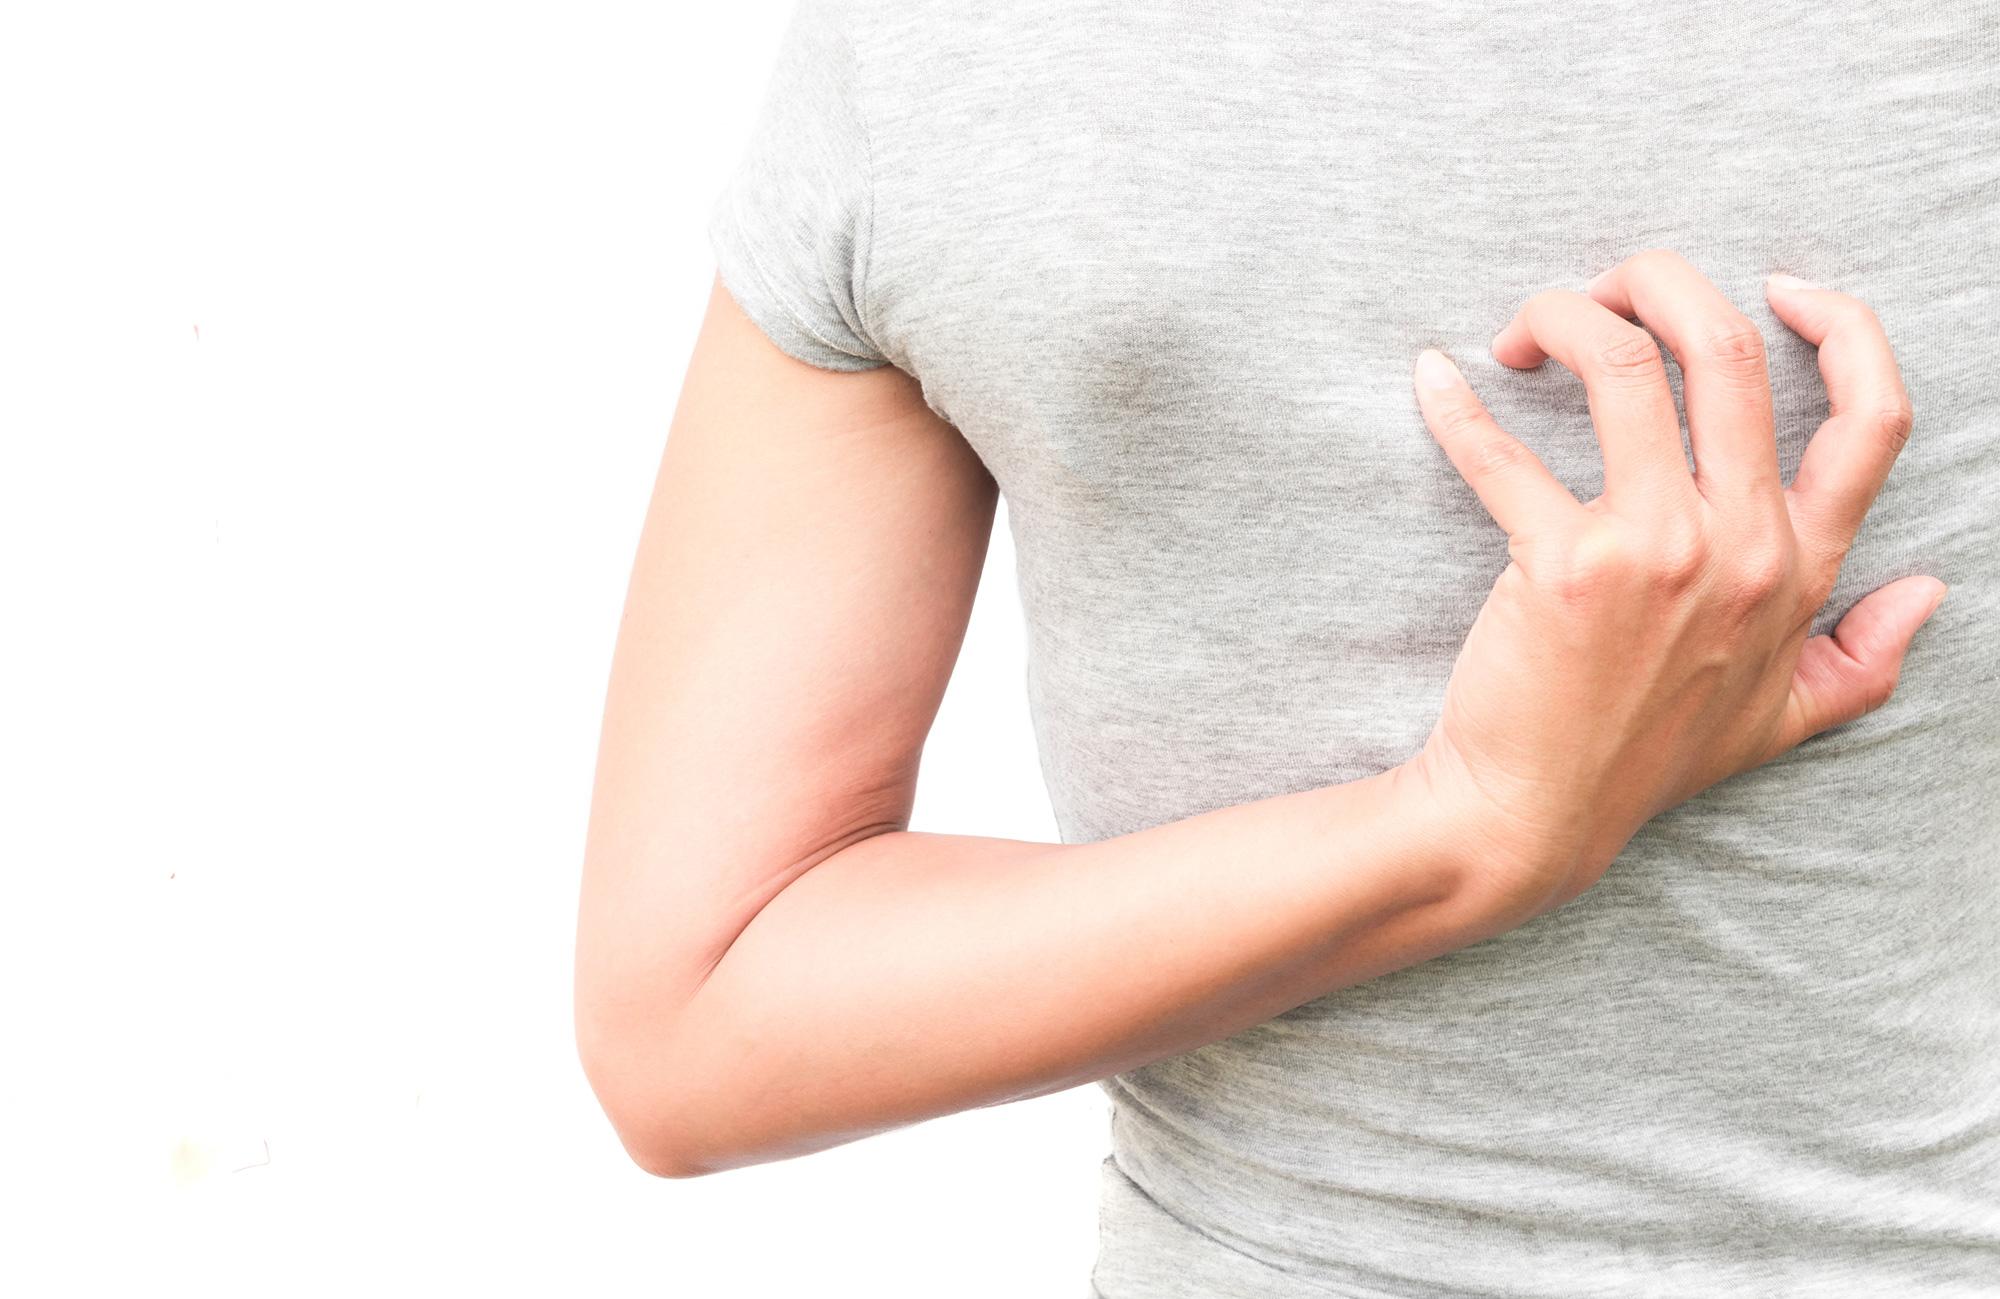 【医師監修】背中のかゆみは乾燥肌が原因?放置する危険性や対策を紹介